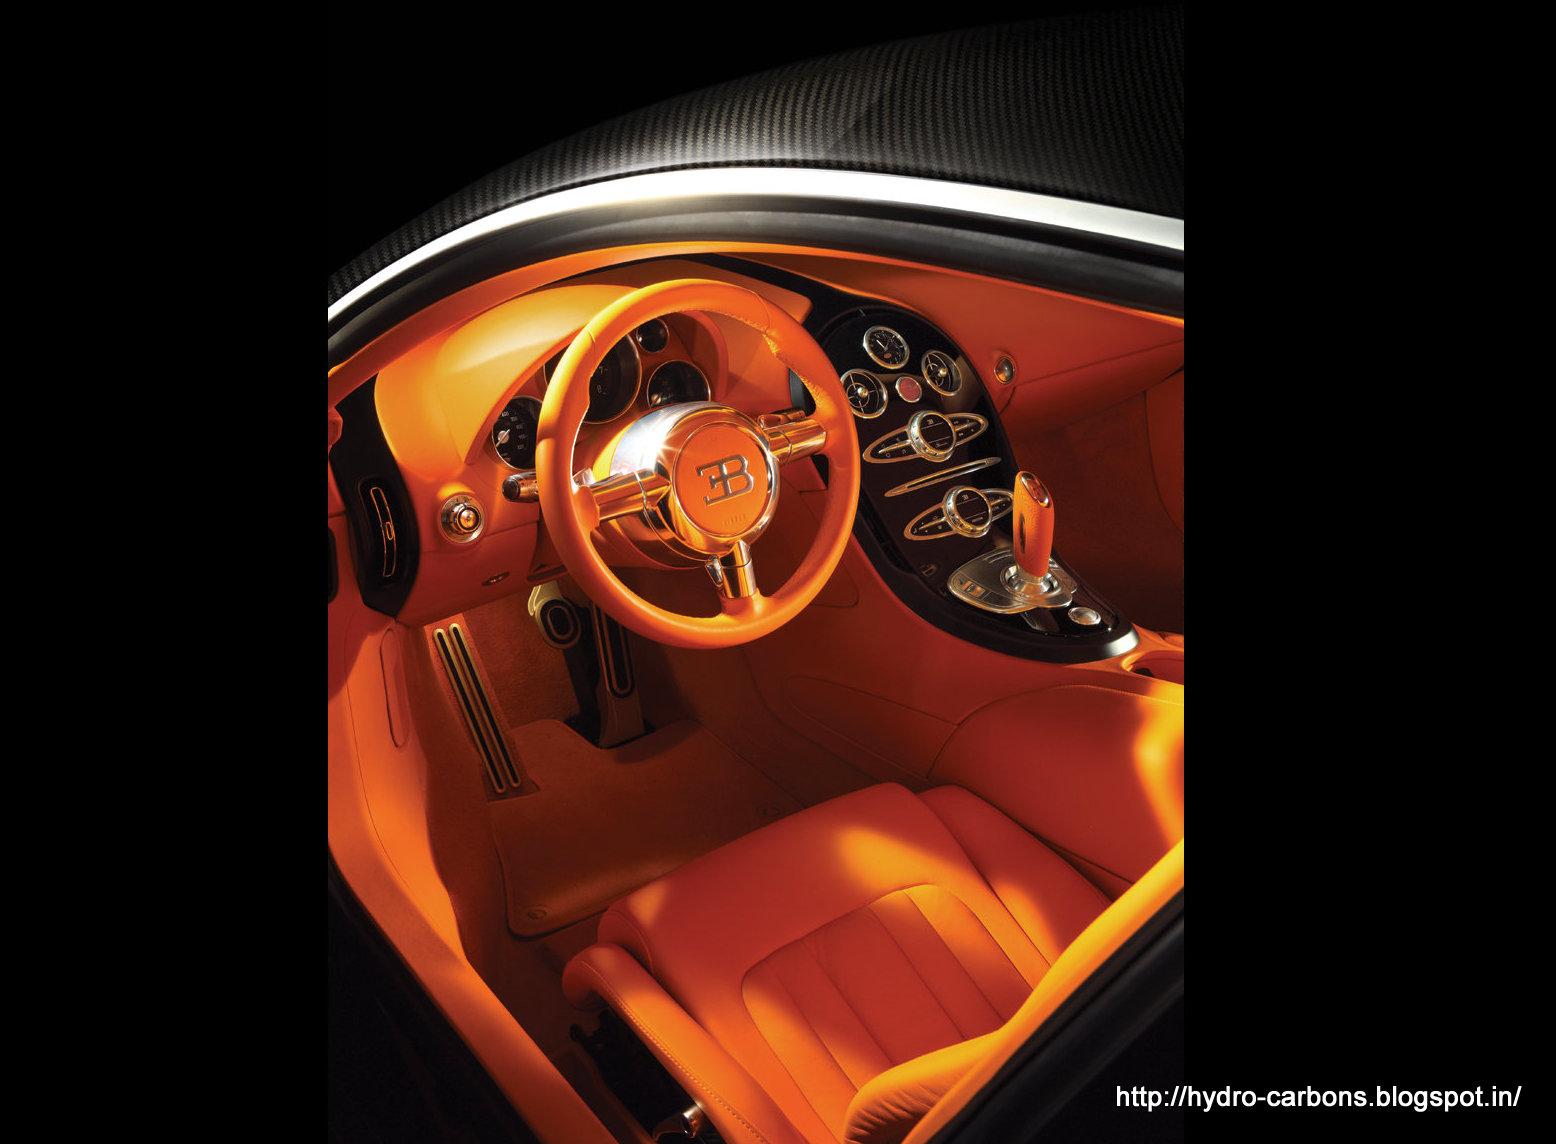 http://4.bp.blogspot.com/-hjaFlSLEUSI/T0cs90EsuQI/AAAAAAAALRk/2TZqEeqSOiM/s1600/stunning-Bugatti-Veyron-wallpaper-49.jpg